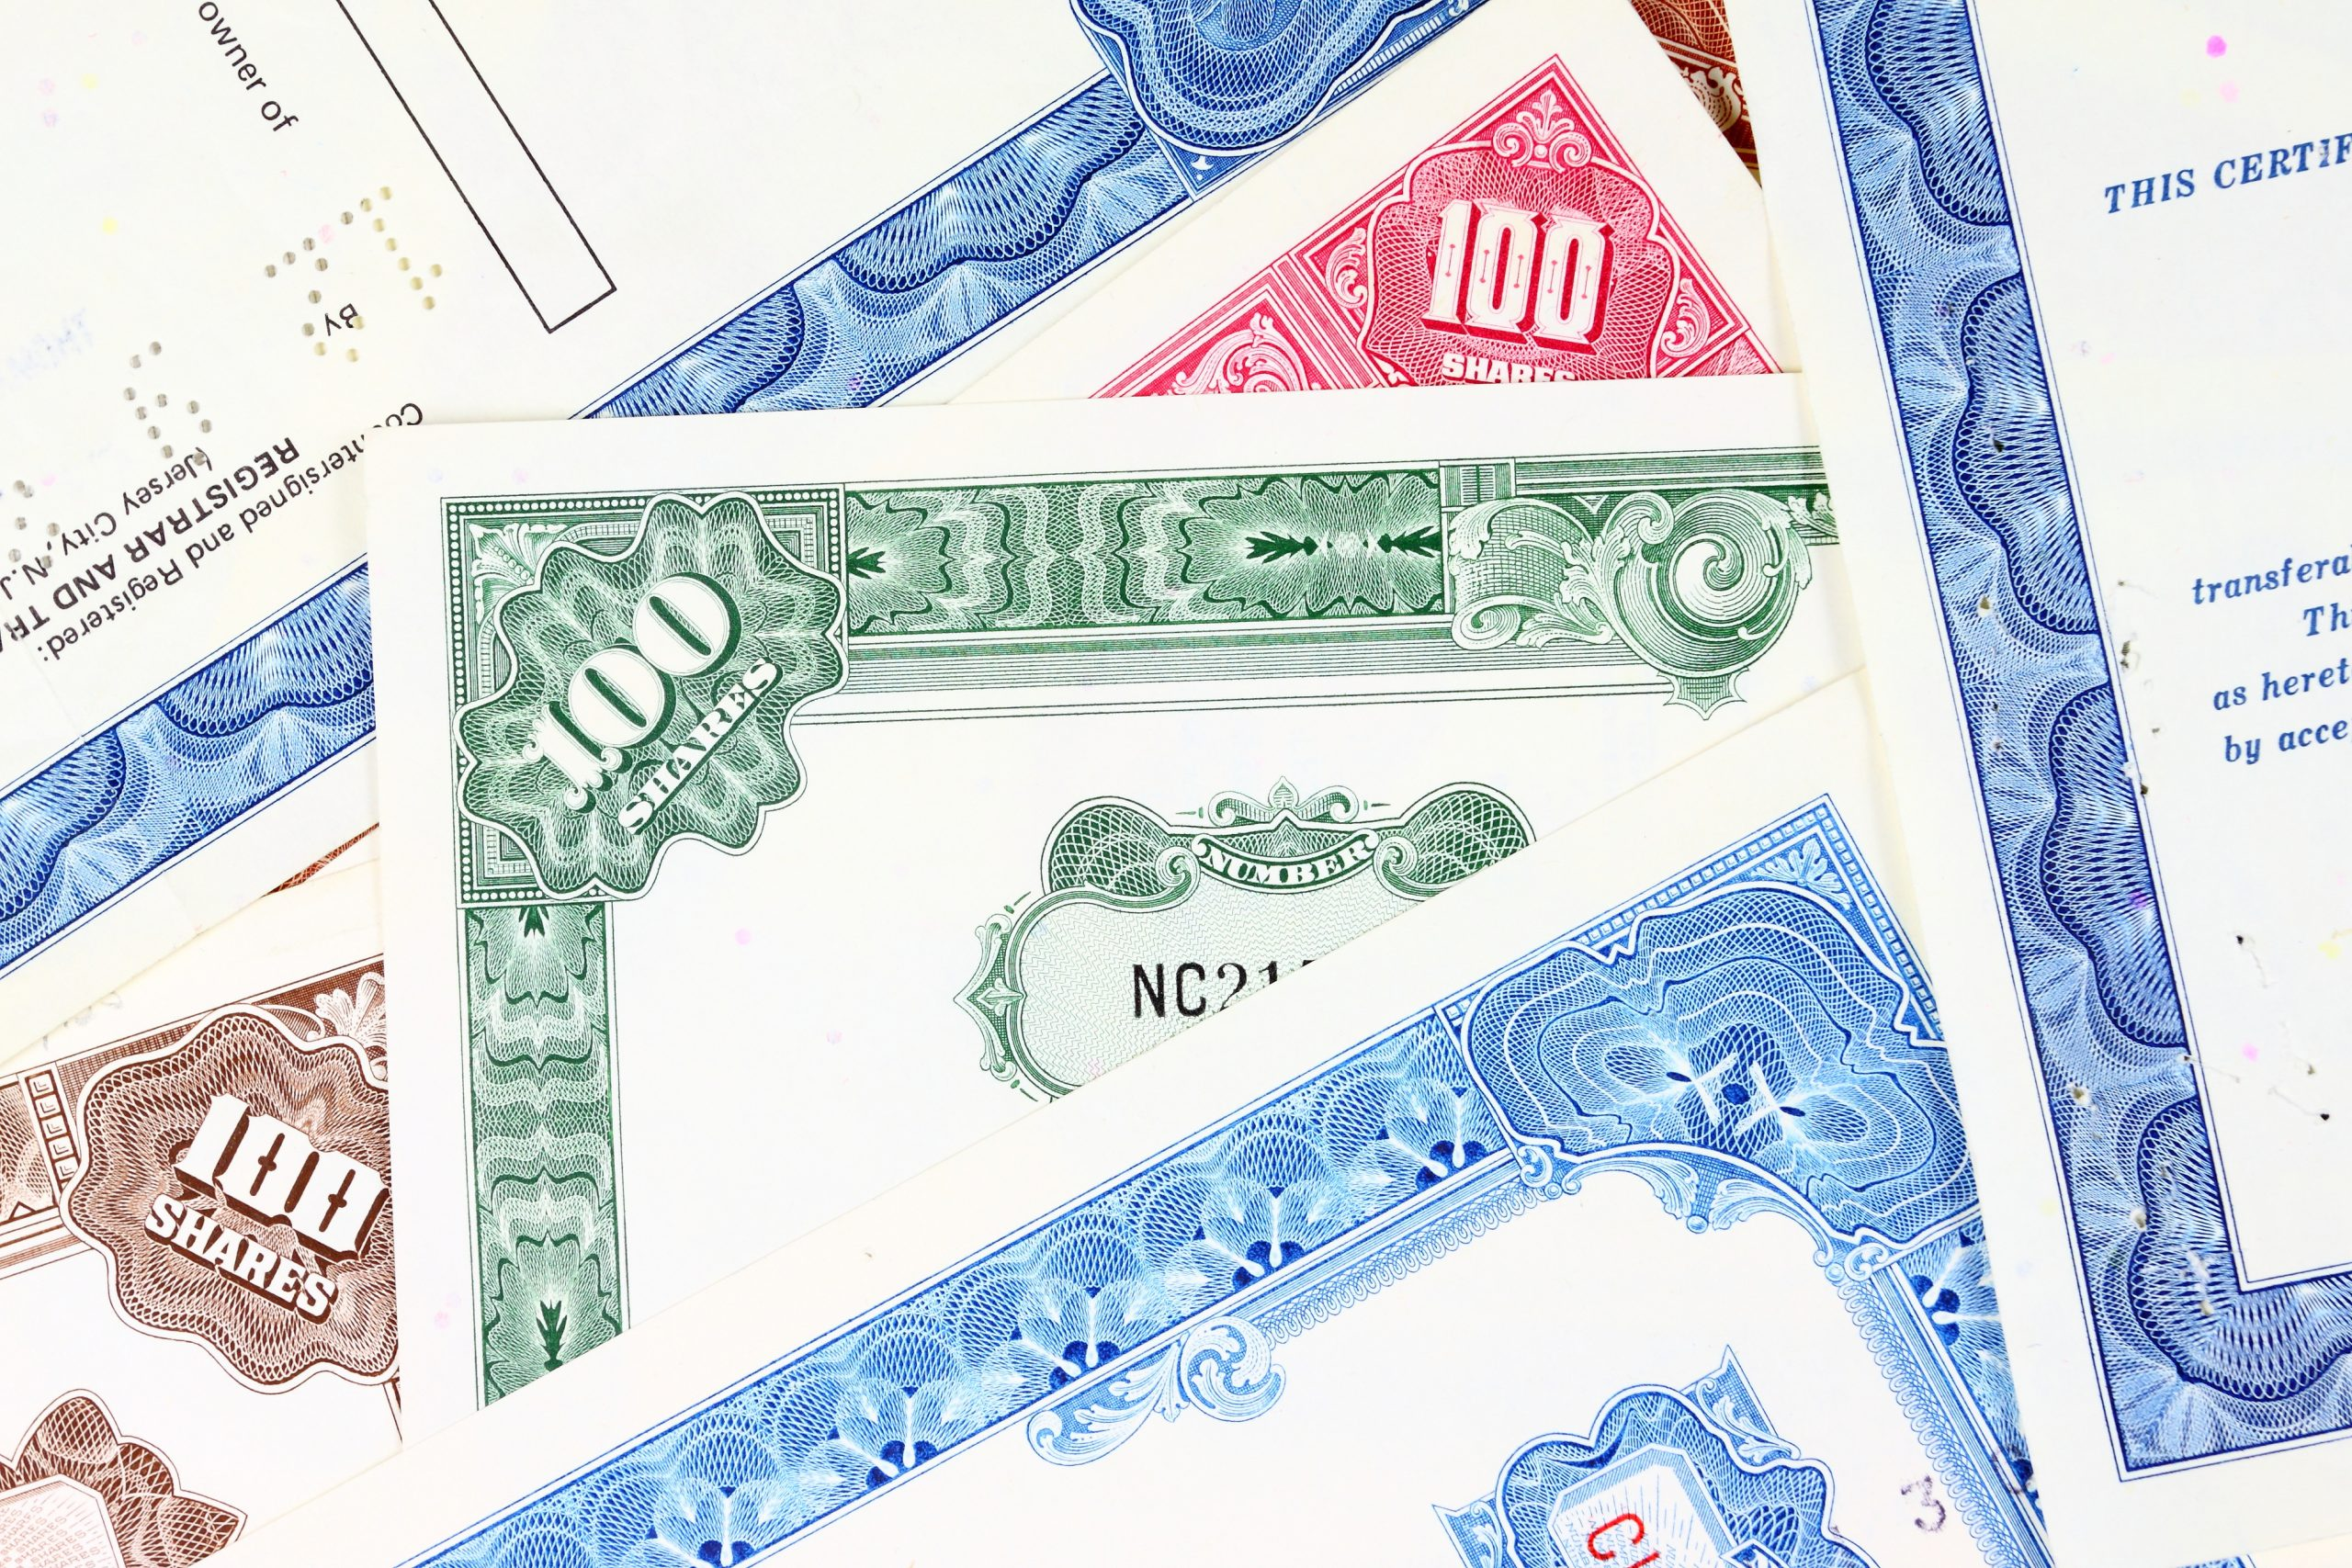 Wertpapierdepots klettern um fast eine Billion Franken